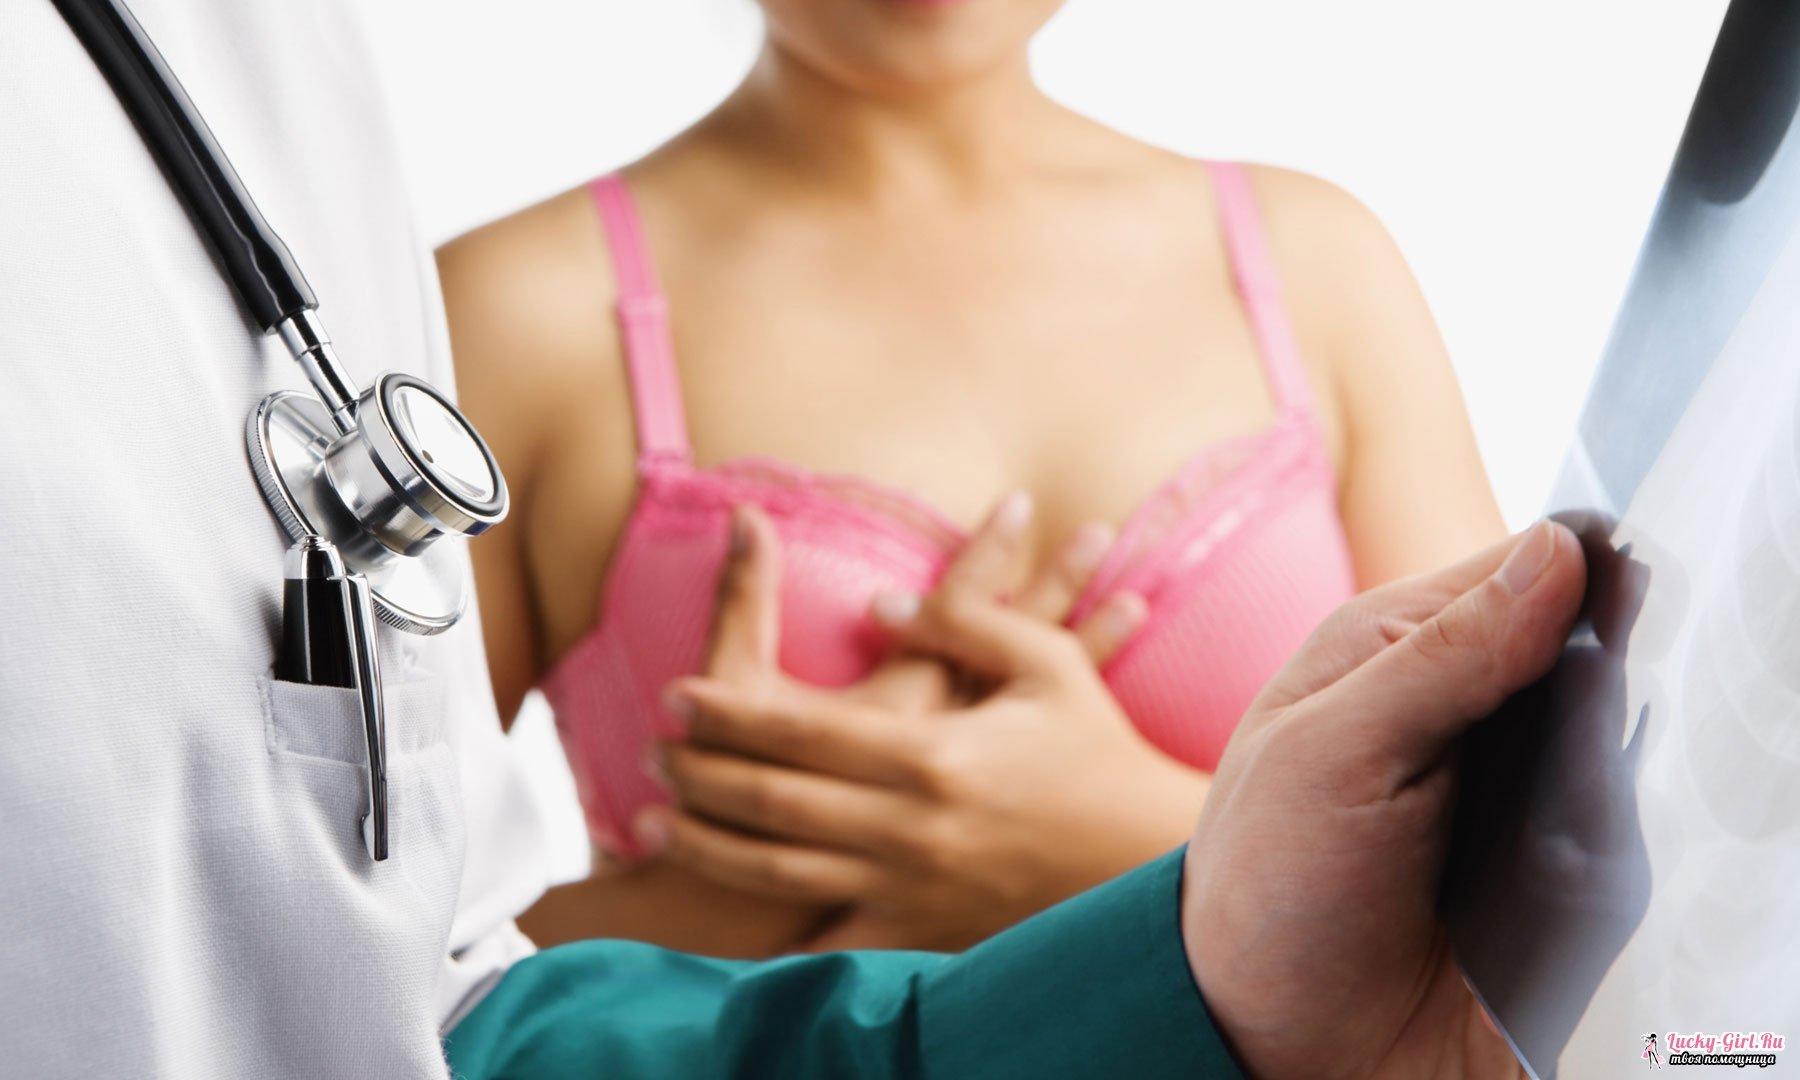 Кальциноз, кальцинаты в молочной железе  что это такое и что с ними делать?